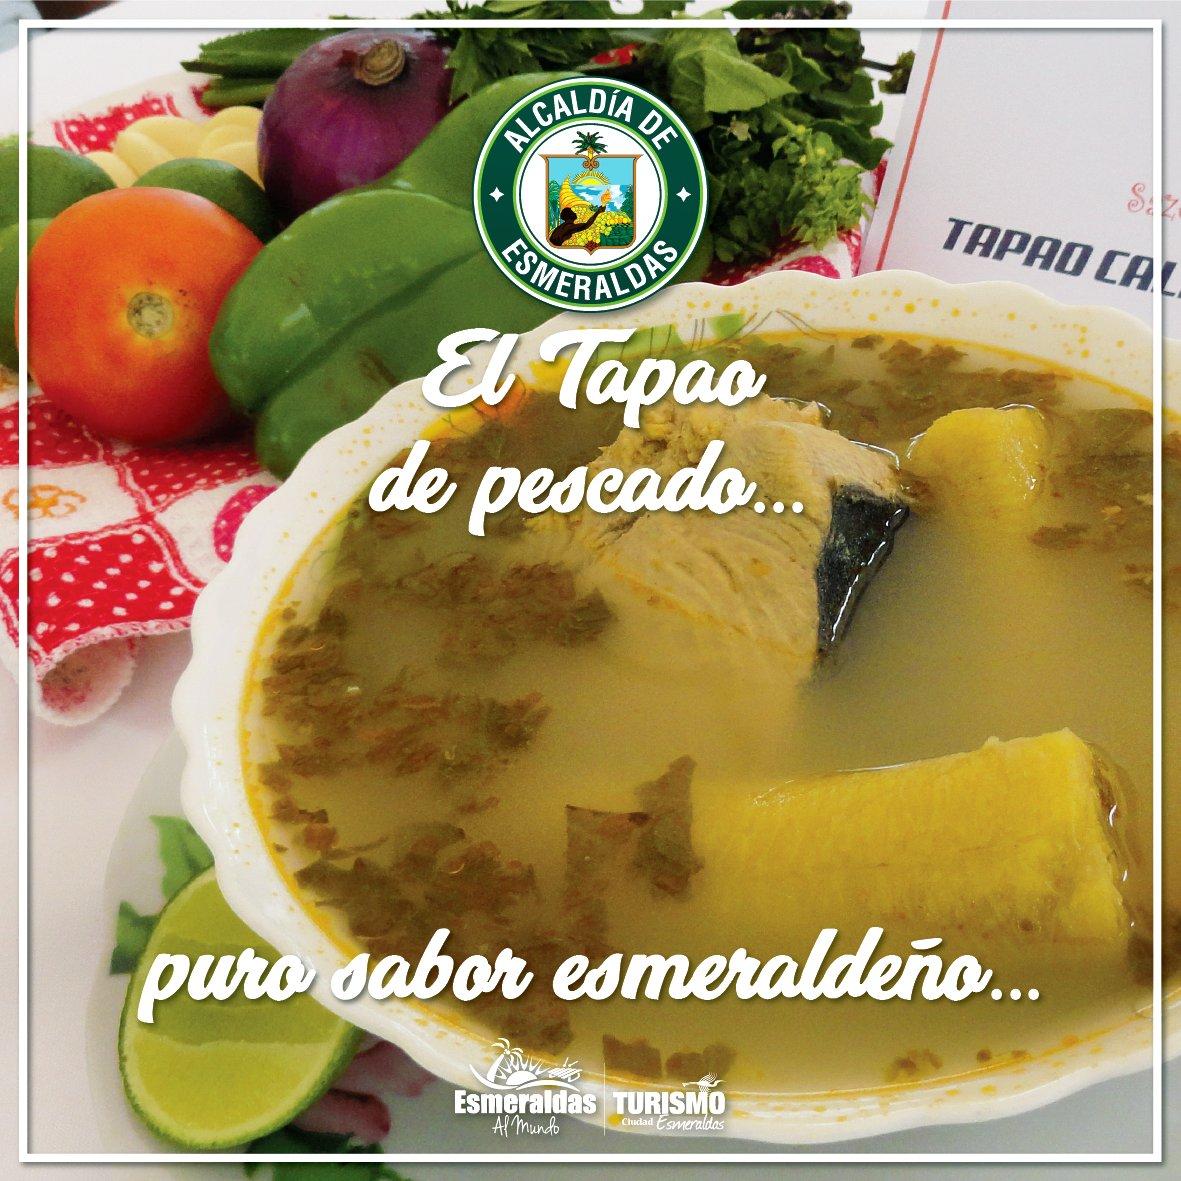 0066261c9b3 Turismo Ciudad de Esmeraldas on Twitter